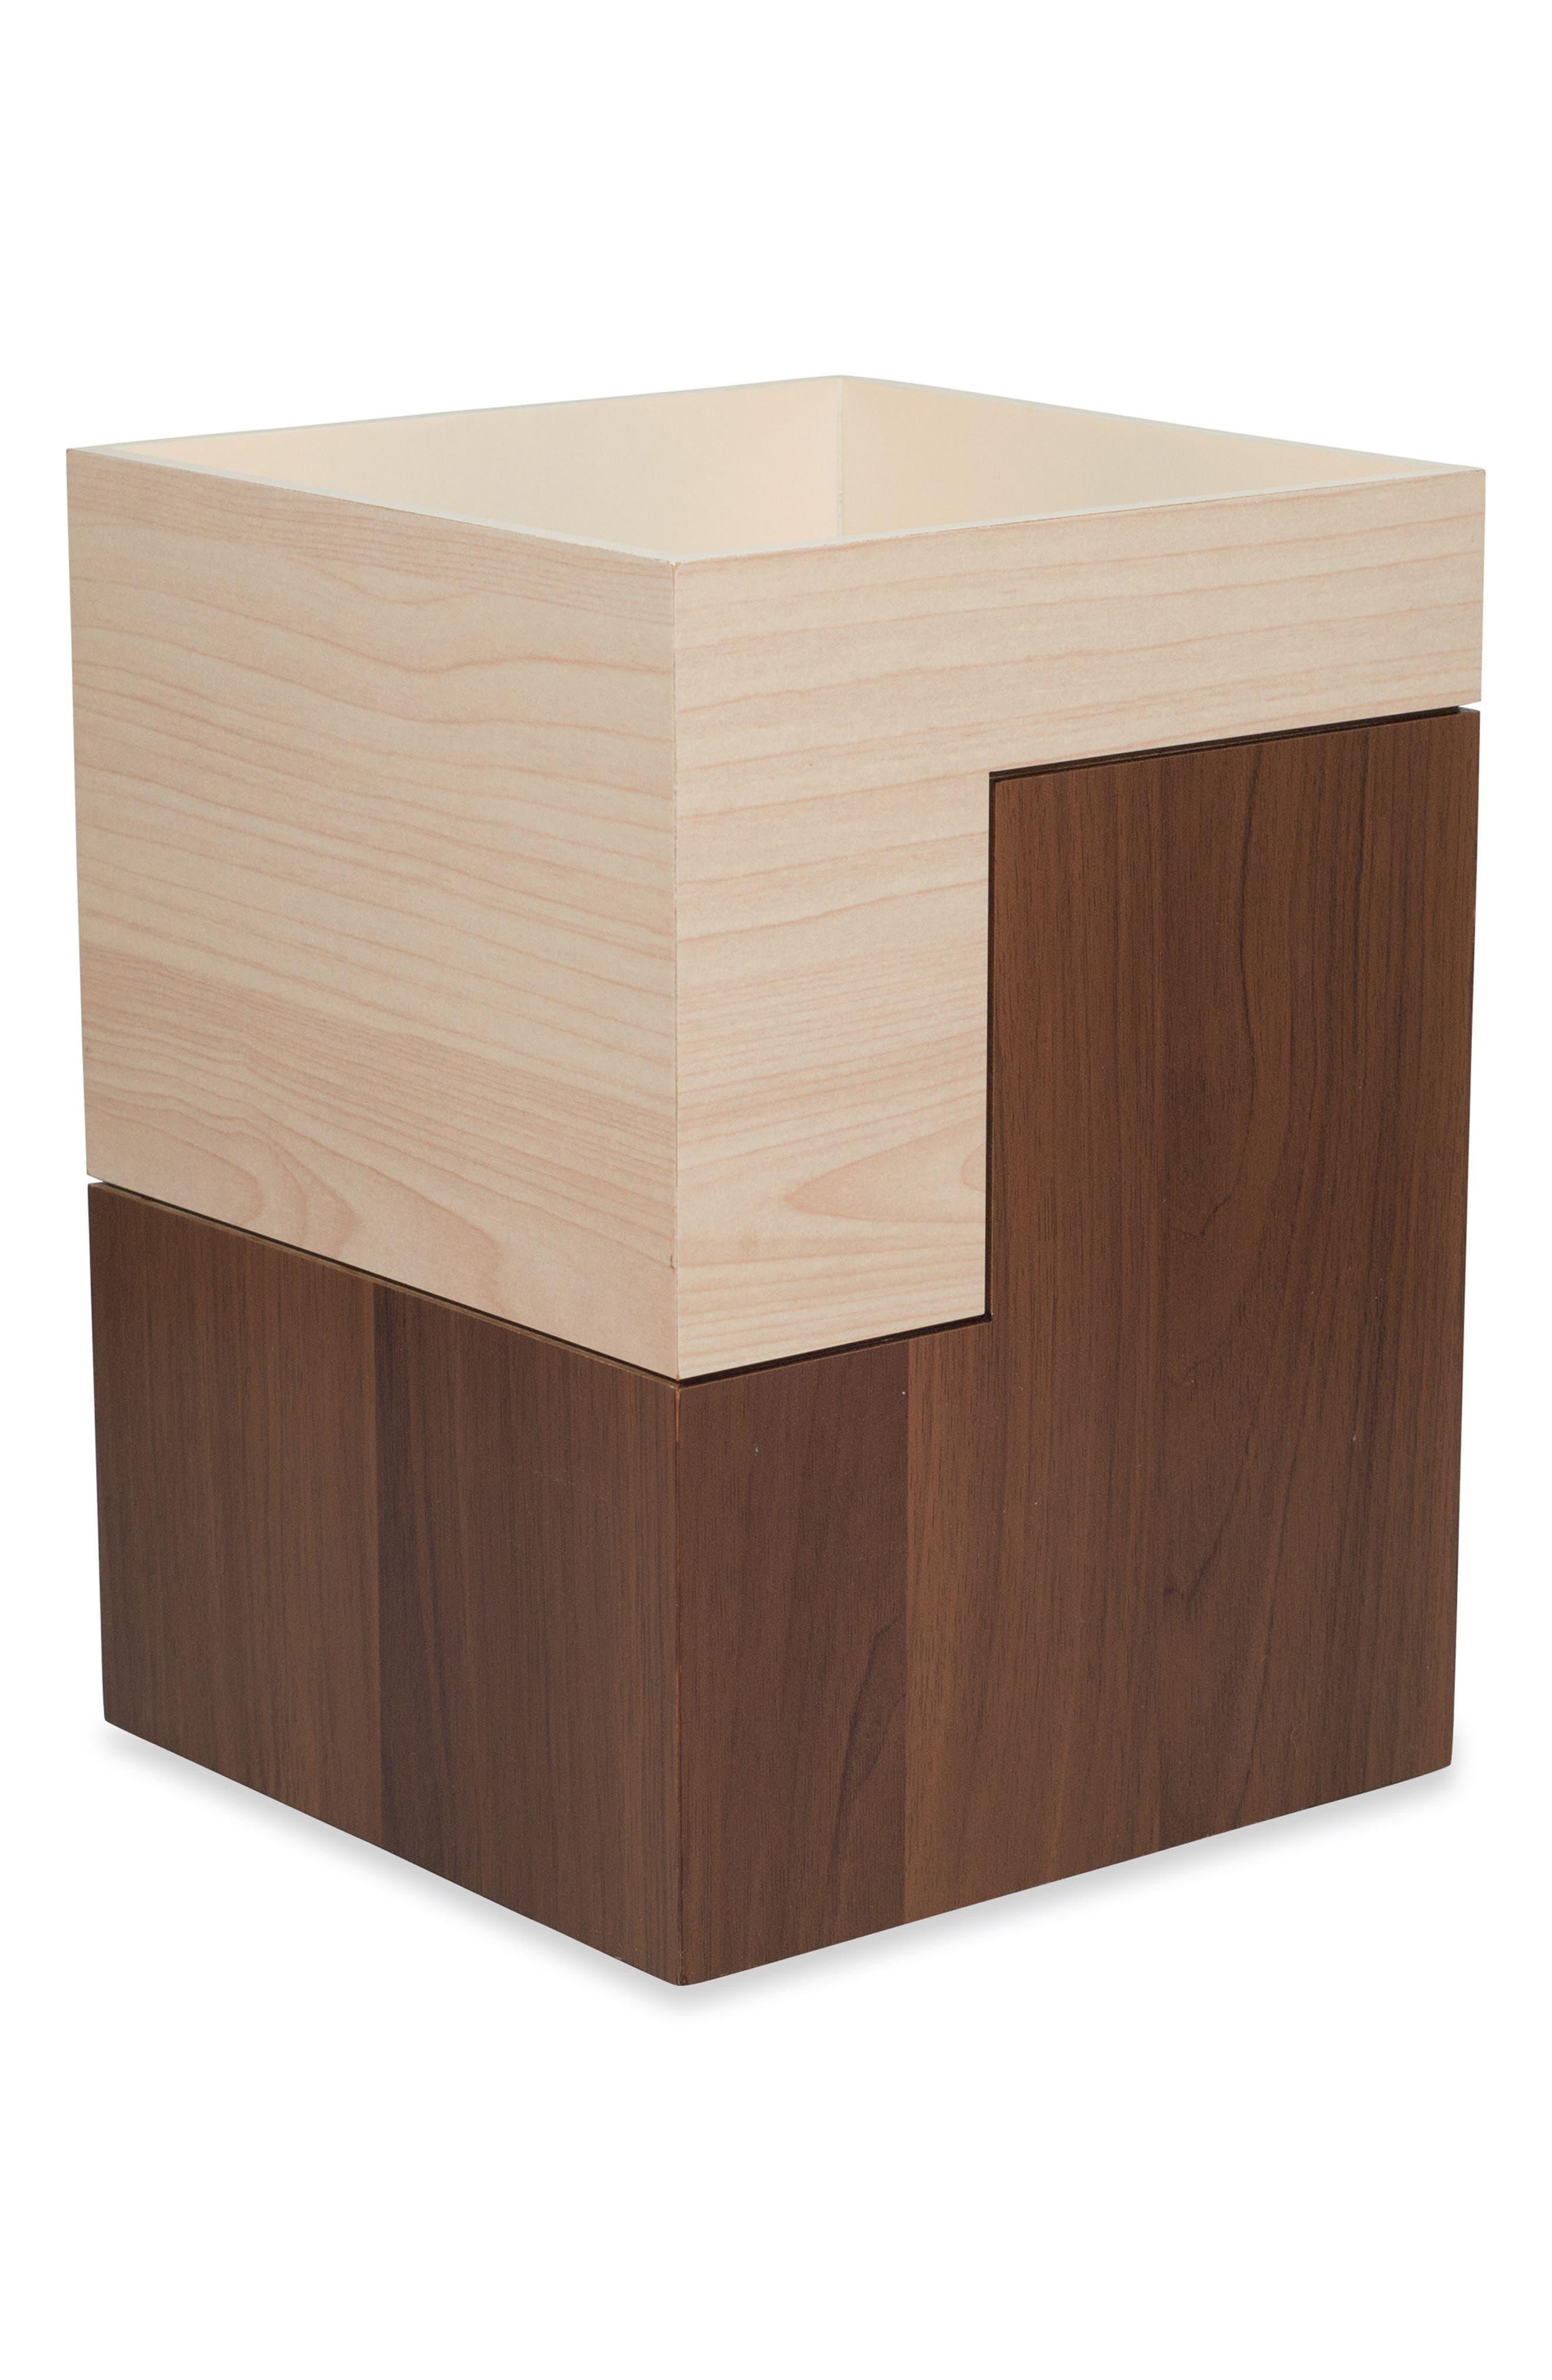 DKNY Veneer Wood Block Waste Basket